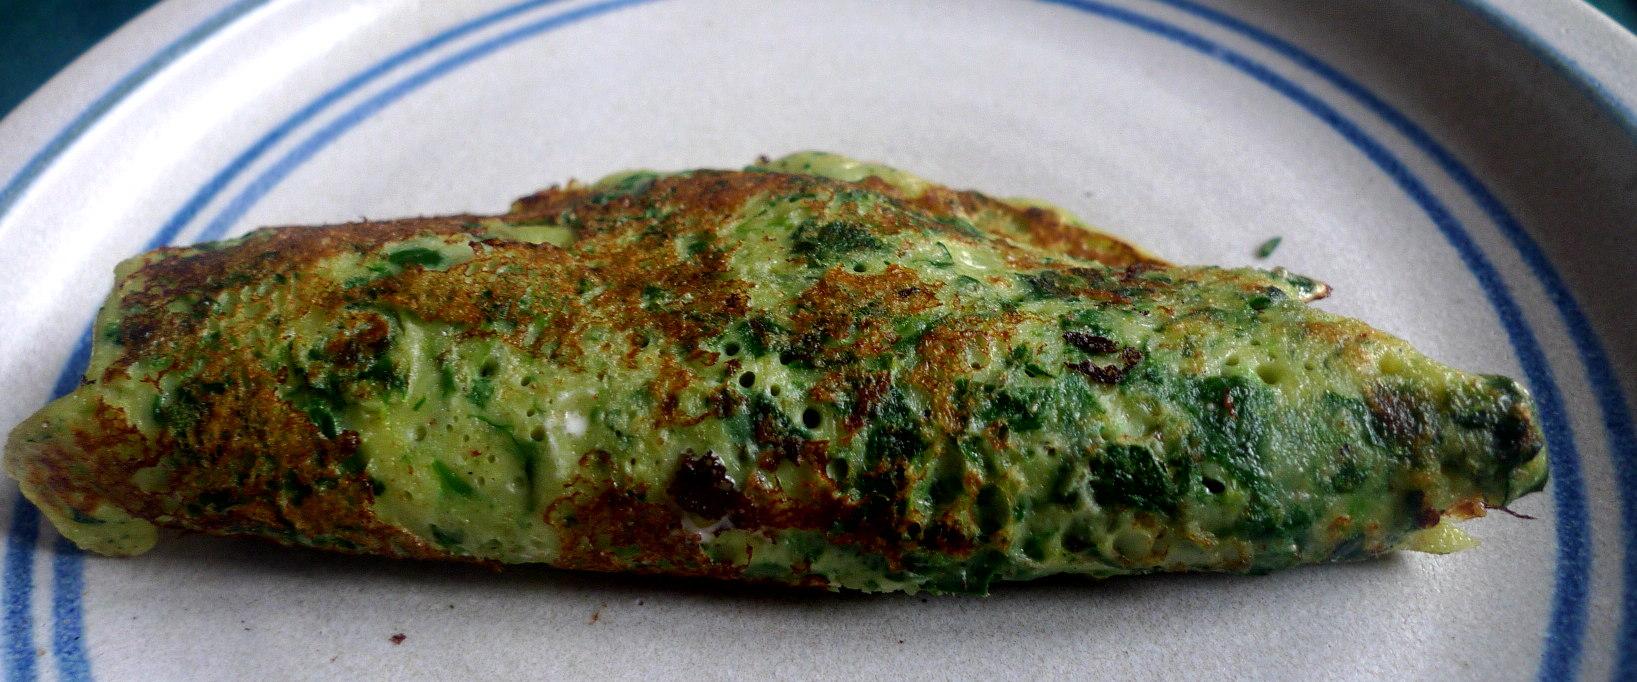 spinatpfannkuchenricottacremebananenquarki-25